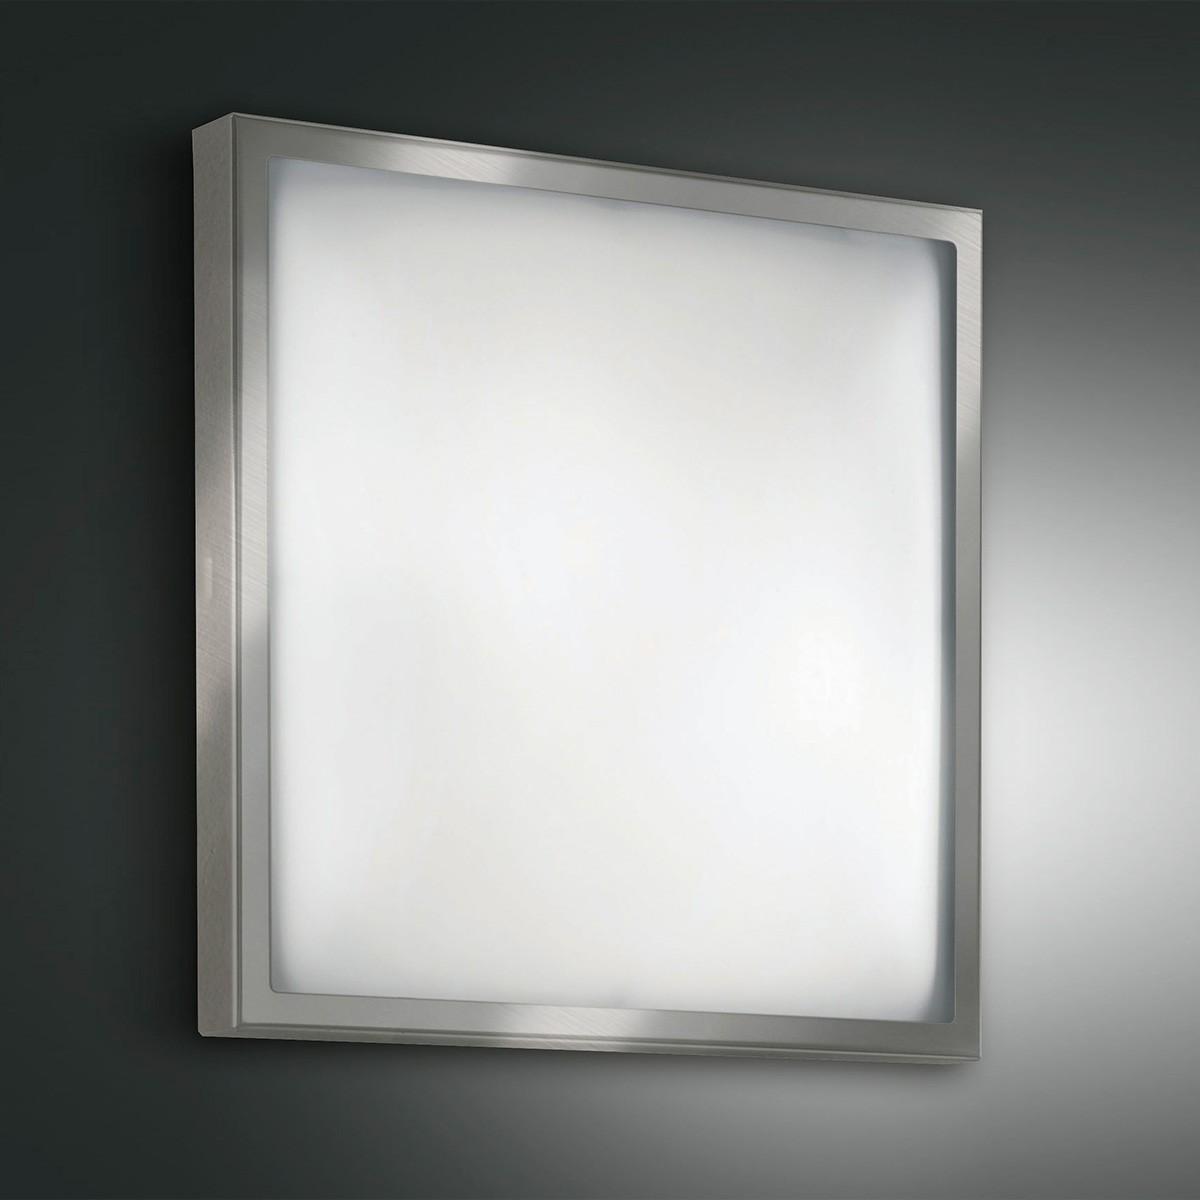 Fabas Luce Osaka Deckenleuchte, 40 x 40 cm, Nickel satiniert